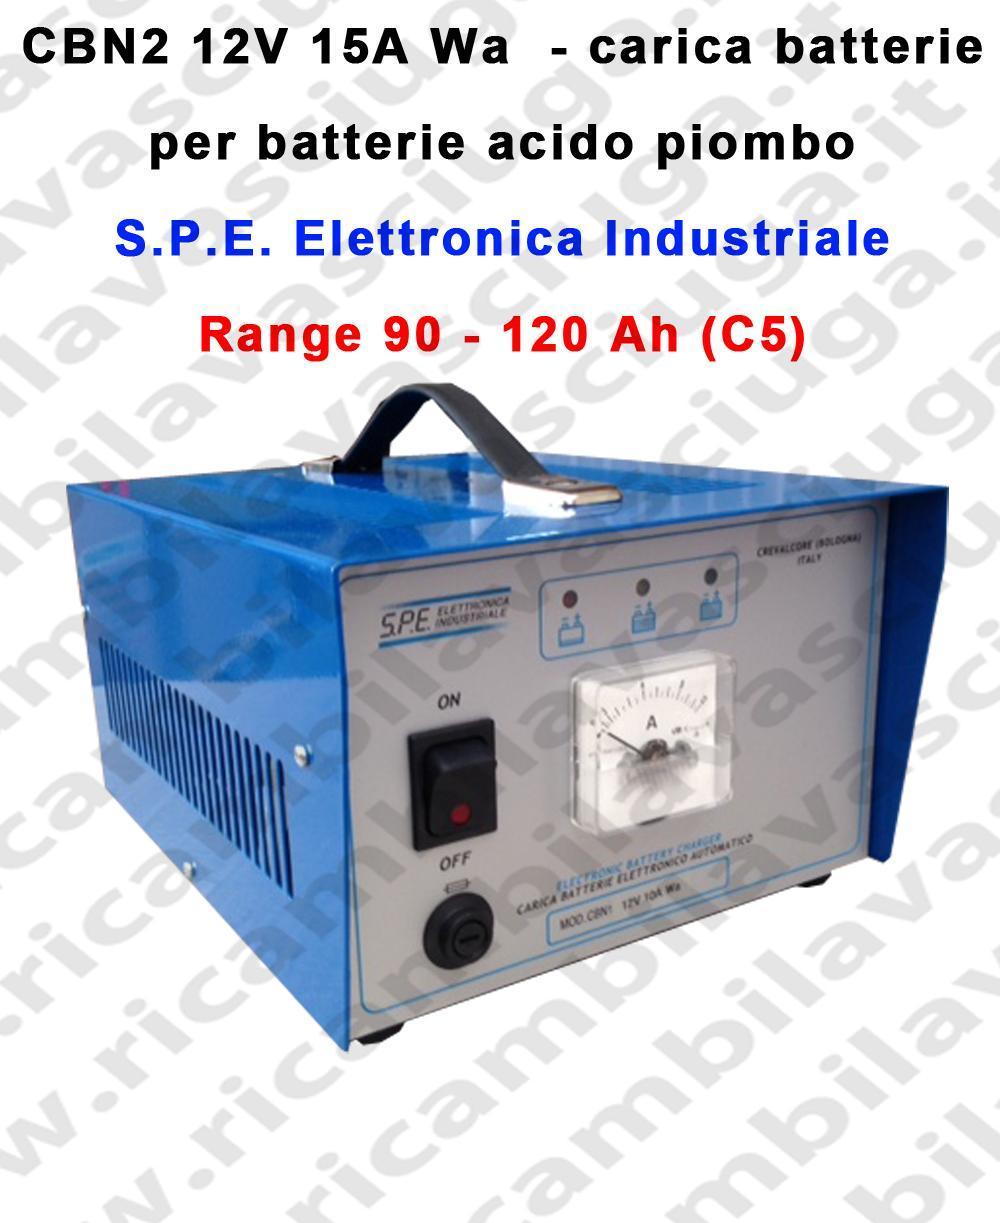 CBN2 12V 15A Wa chargeur de batterie pour batterie acido plombe S.P.E. Elettronica Industriale